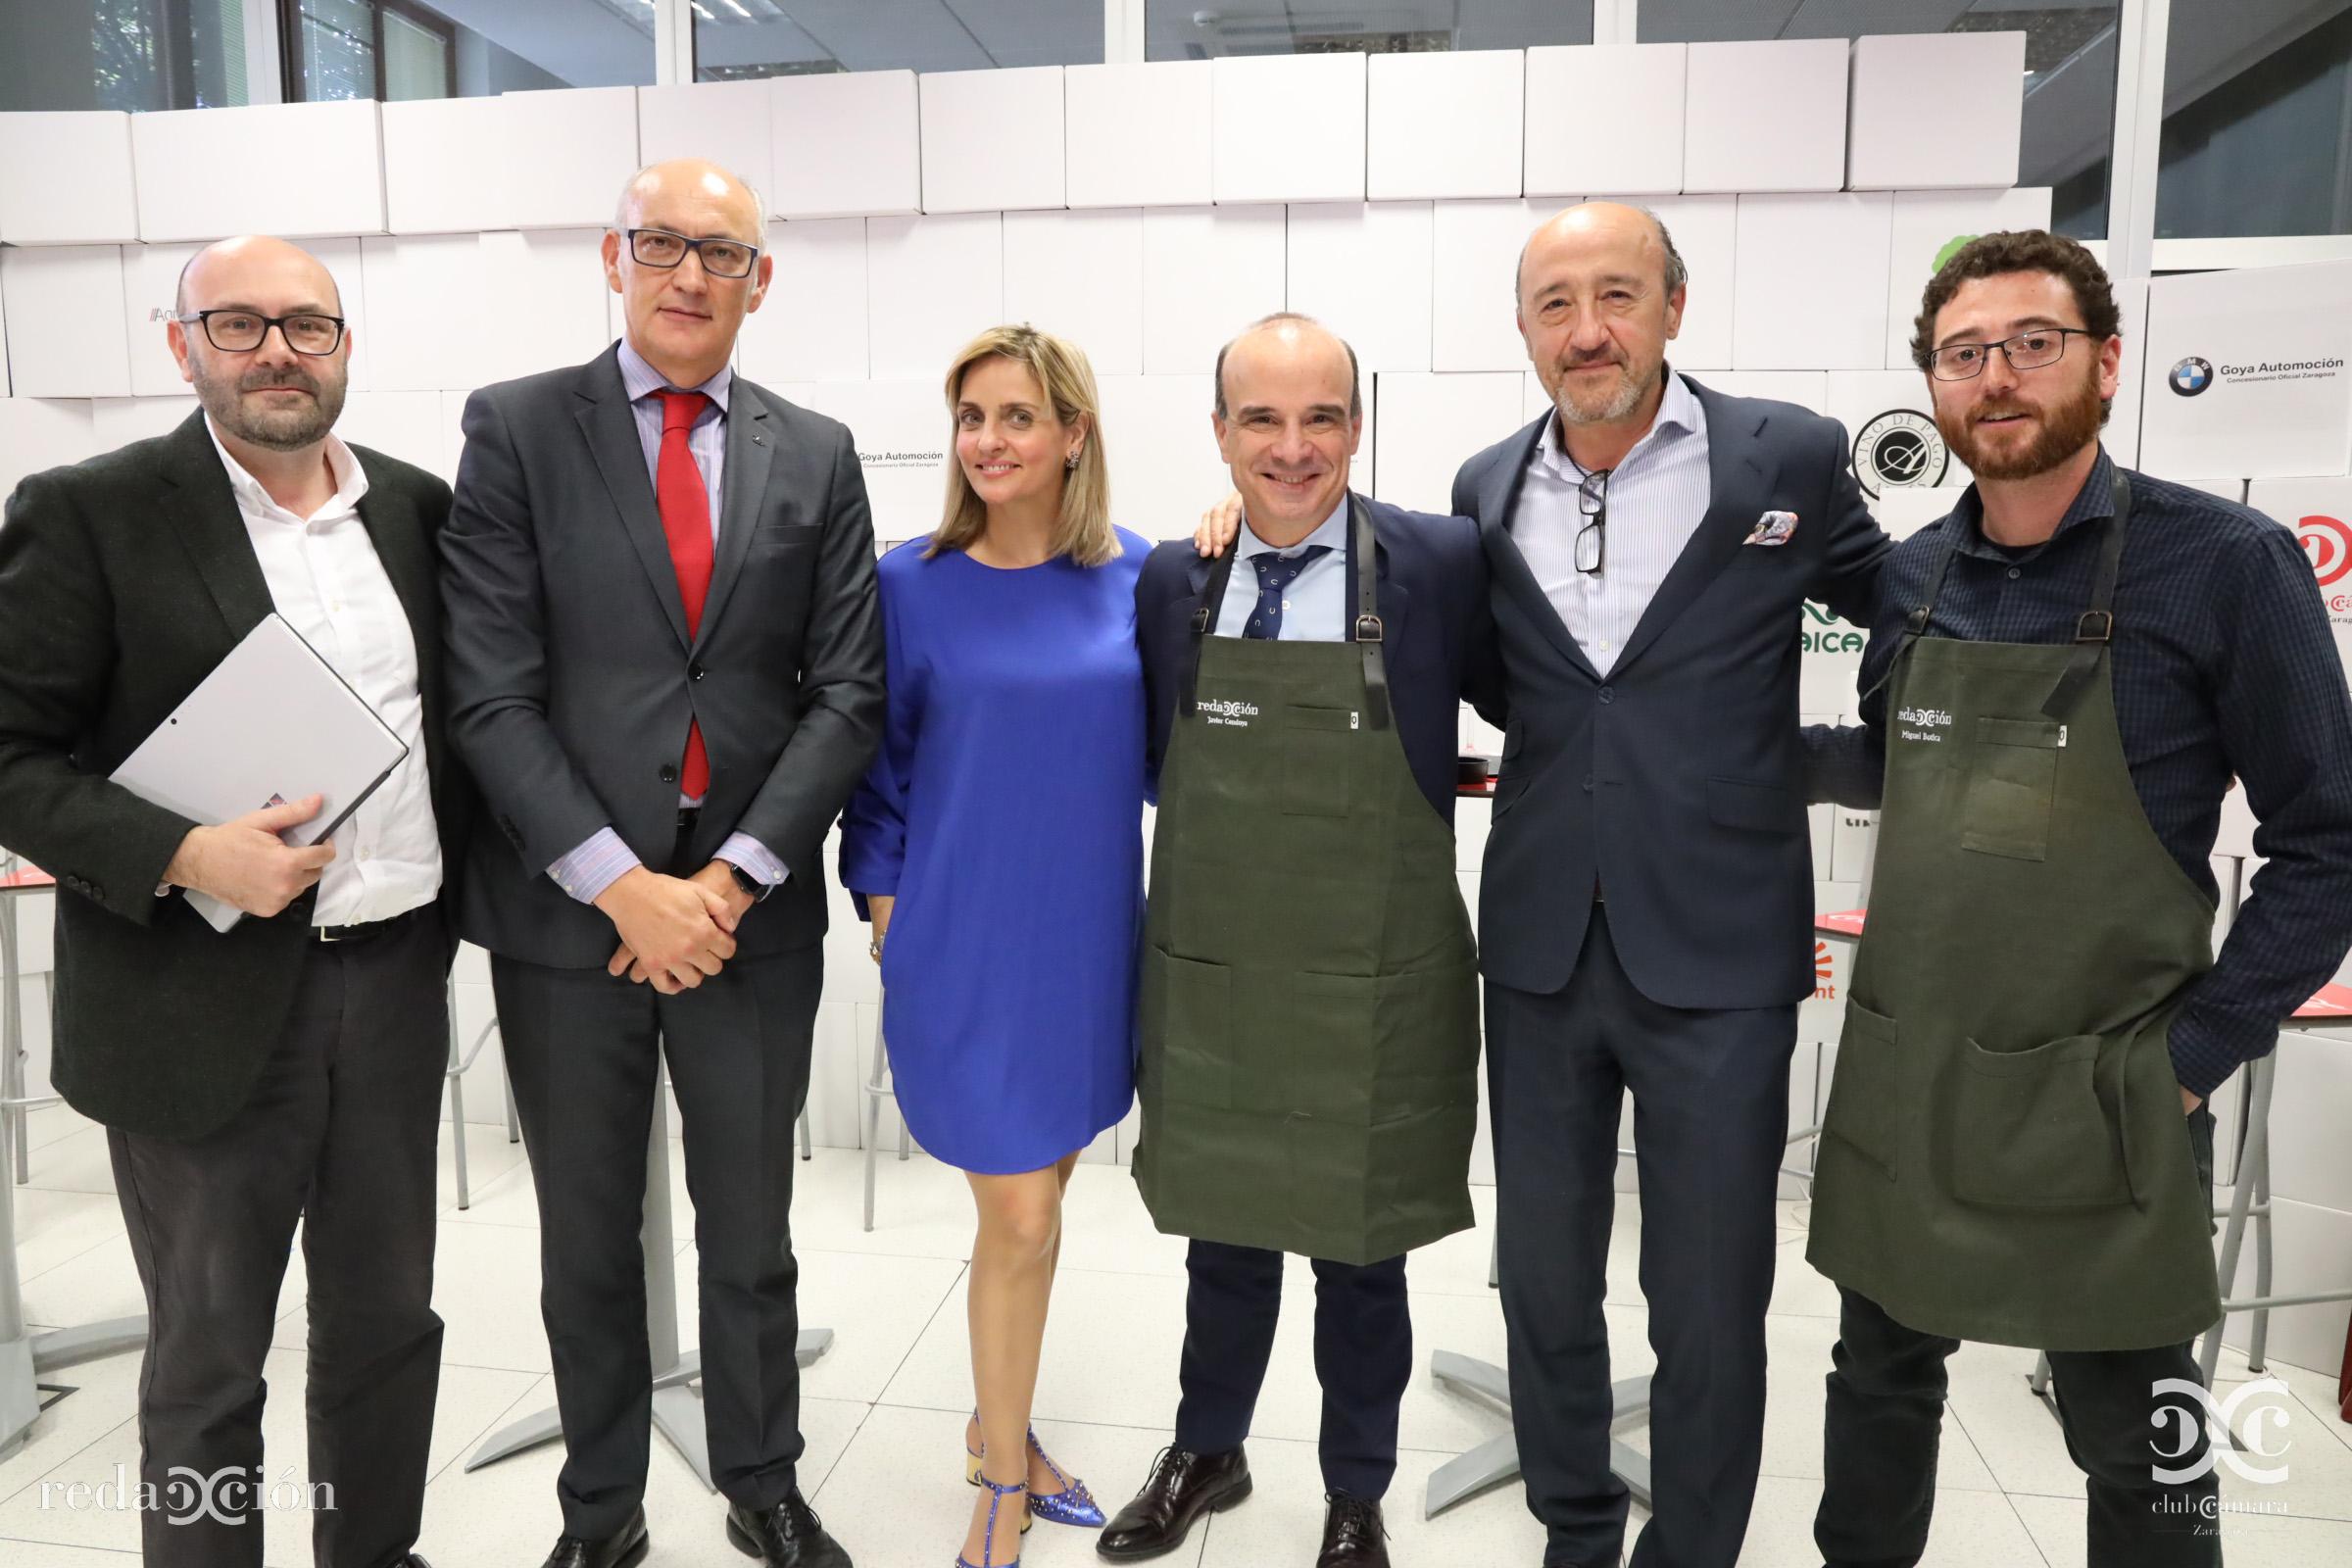 Ramón Añaños, José Antonio Lázaro, Mónica Manero, Javier Cendoya, Chema Baqué, Miguel Botica